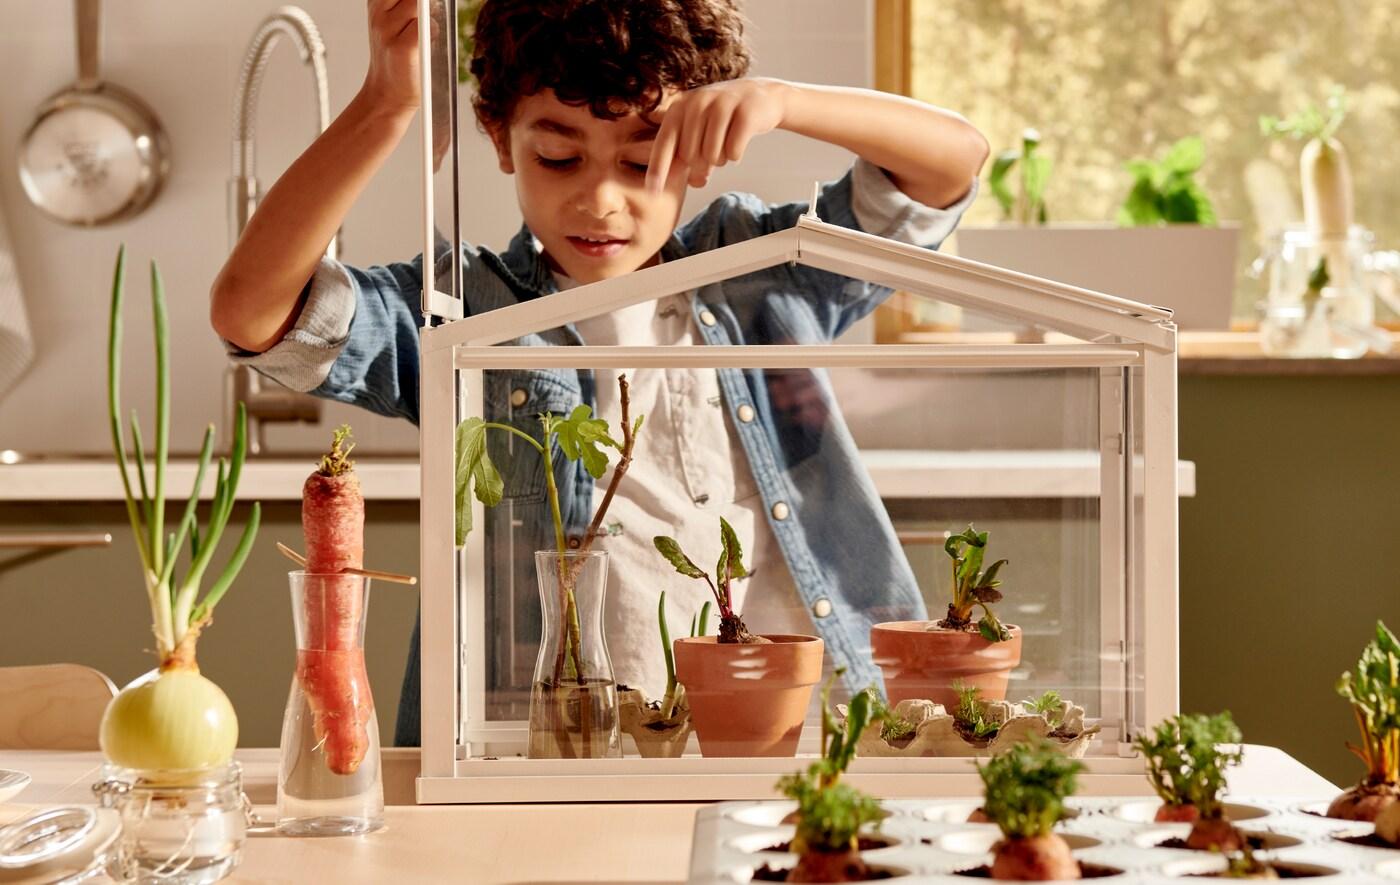 En dreng kigger ned på nogle små planter i et SOCKER drivhus. Ved siden af på bordet står grøntsager i vand eller jord.